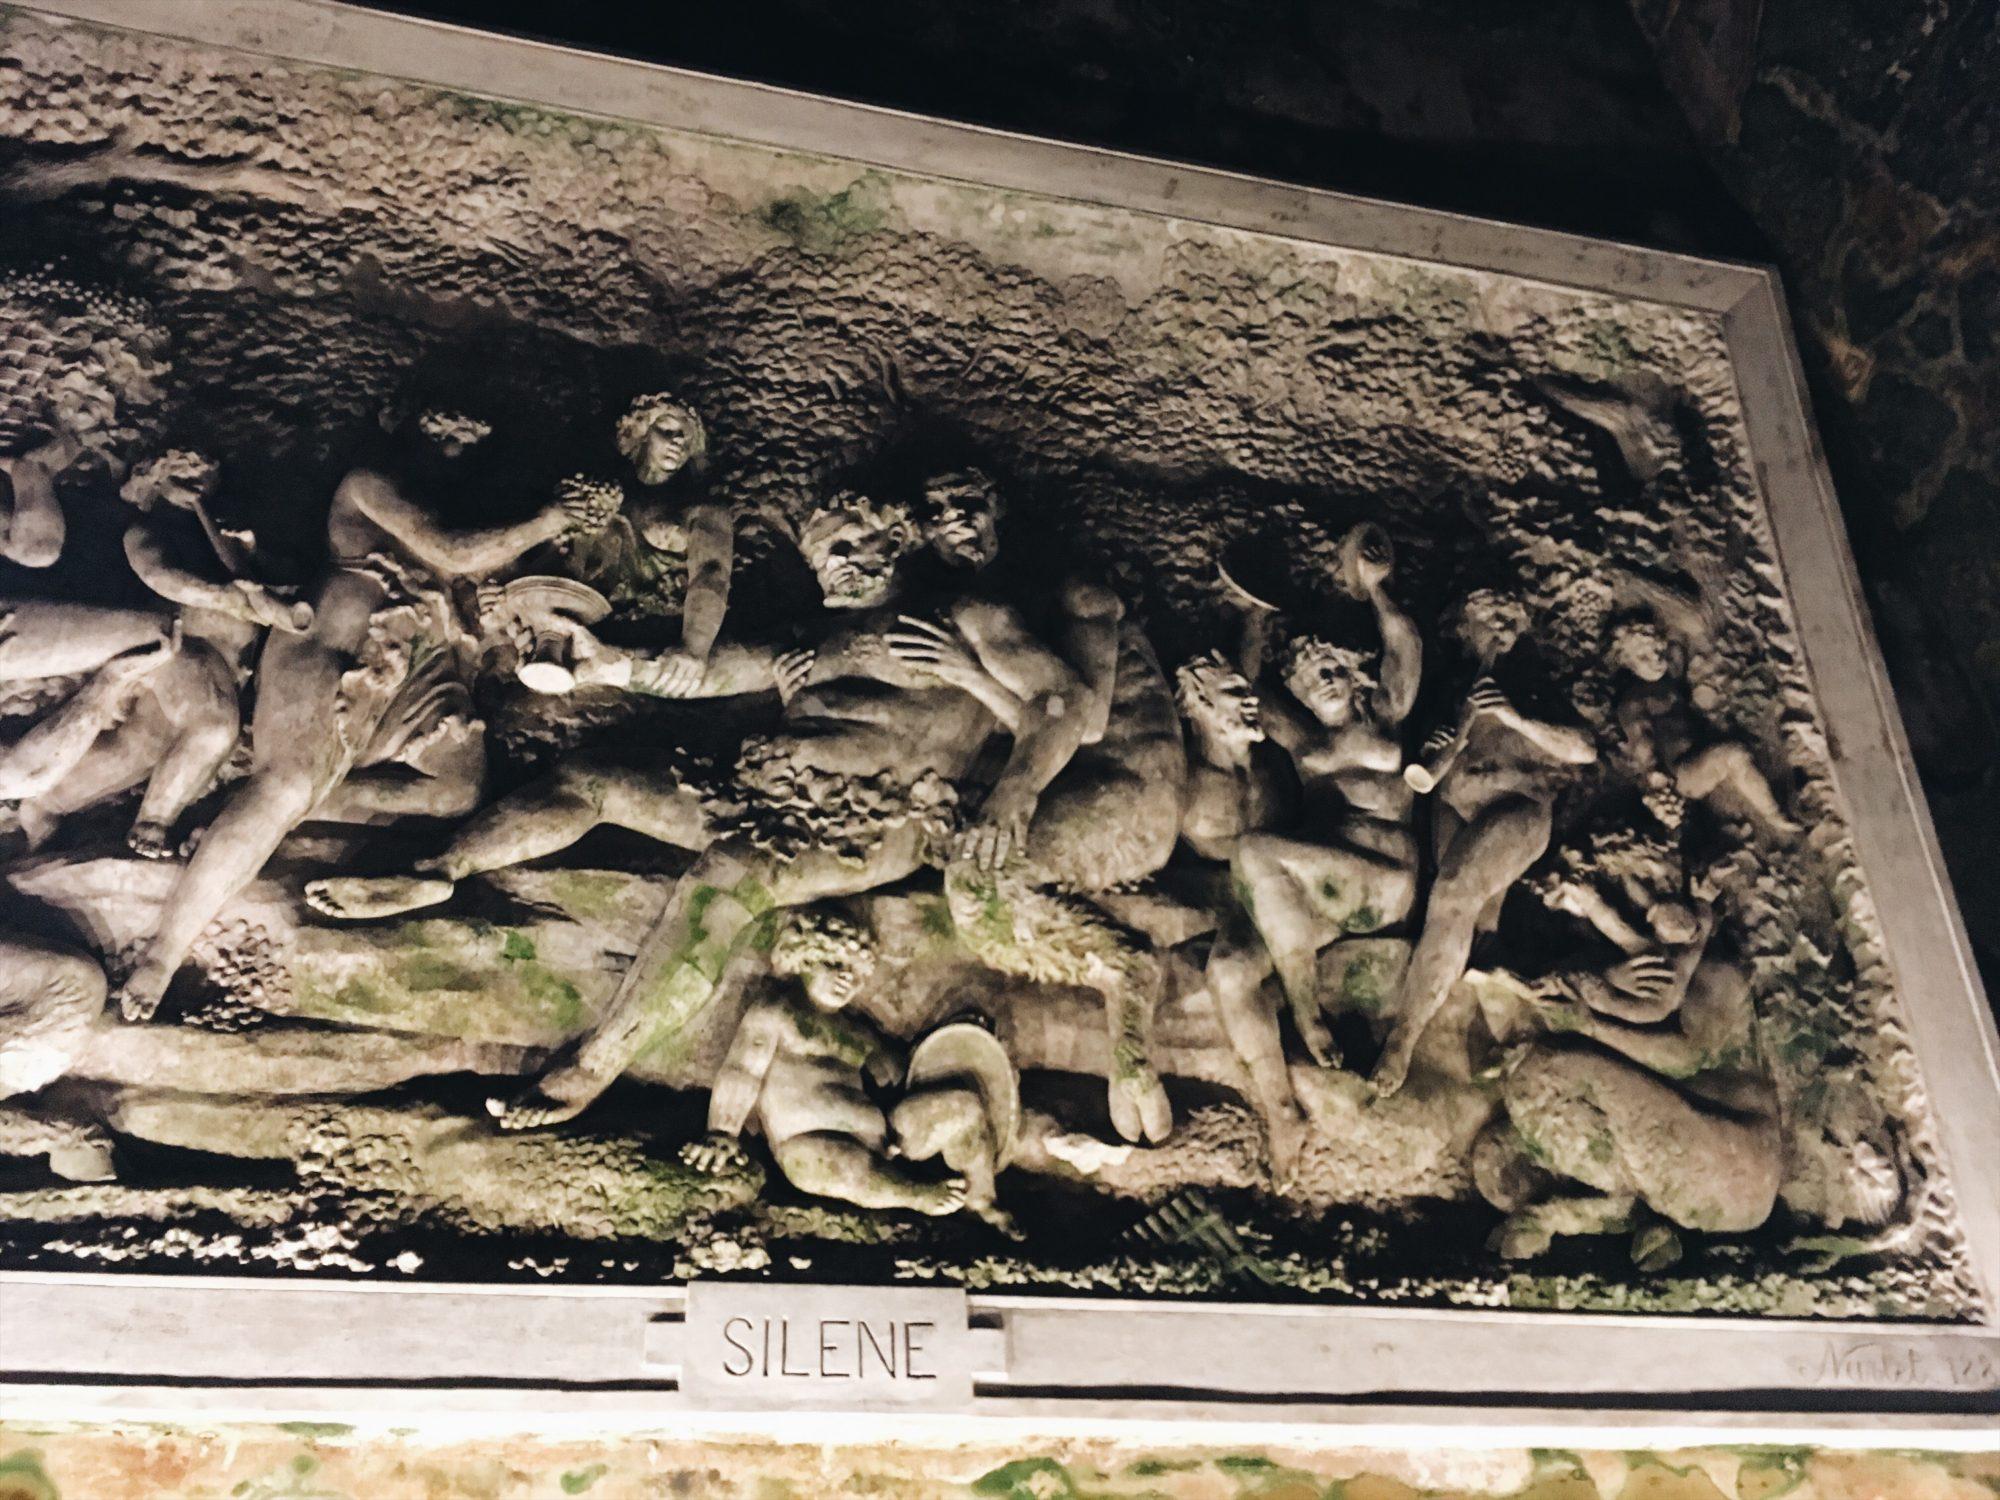 Visite des caves du domaine Pommery / Expérience Pommery #13